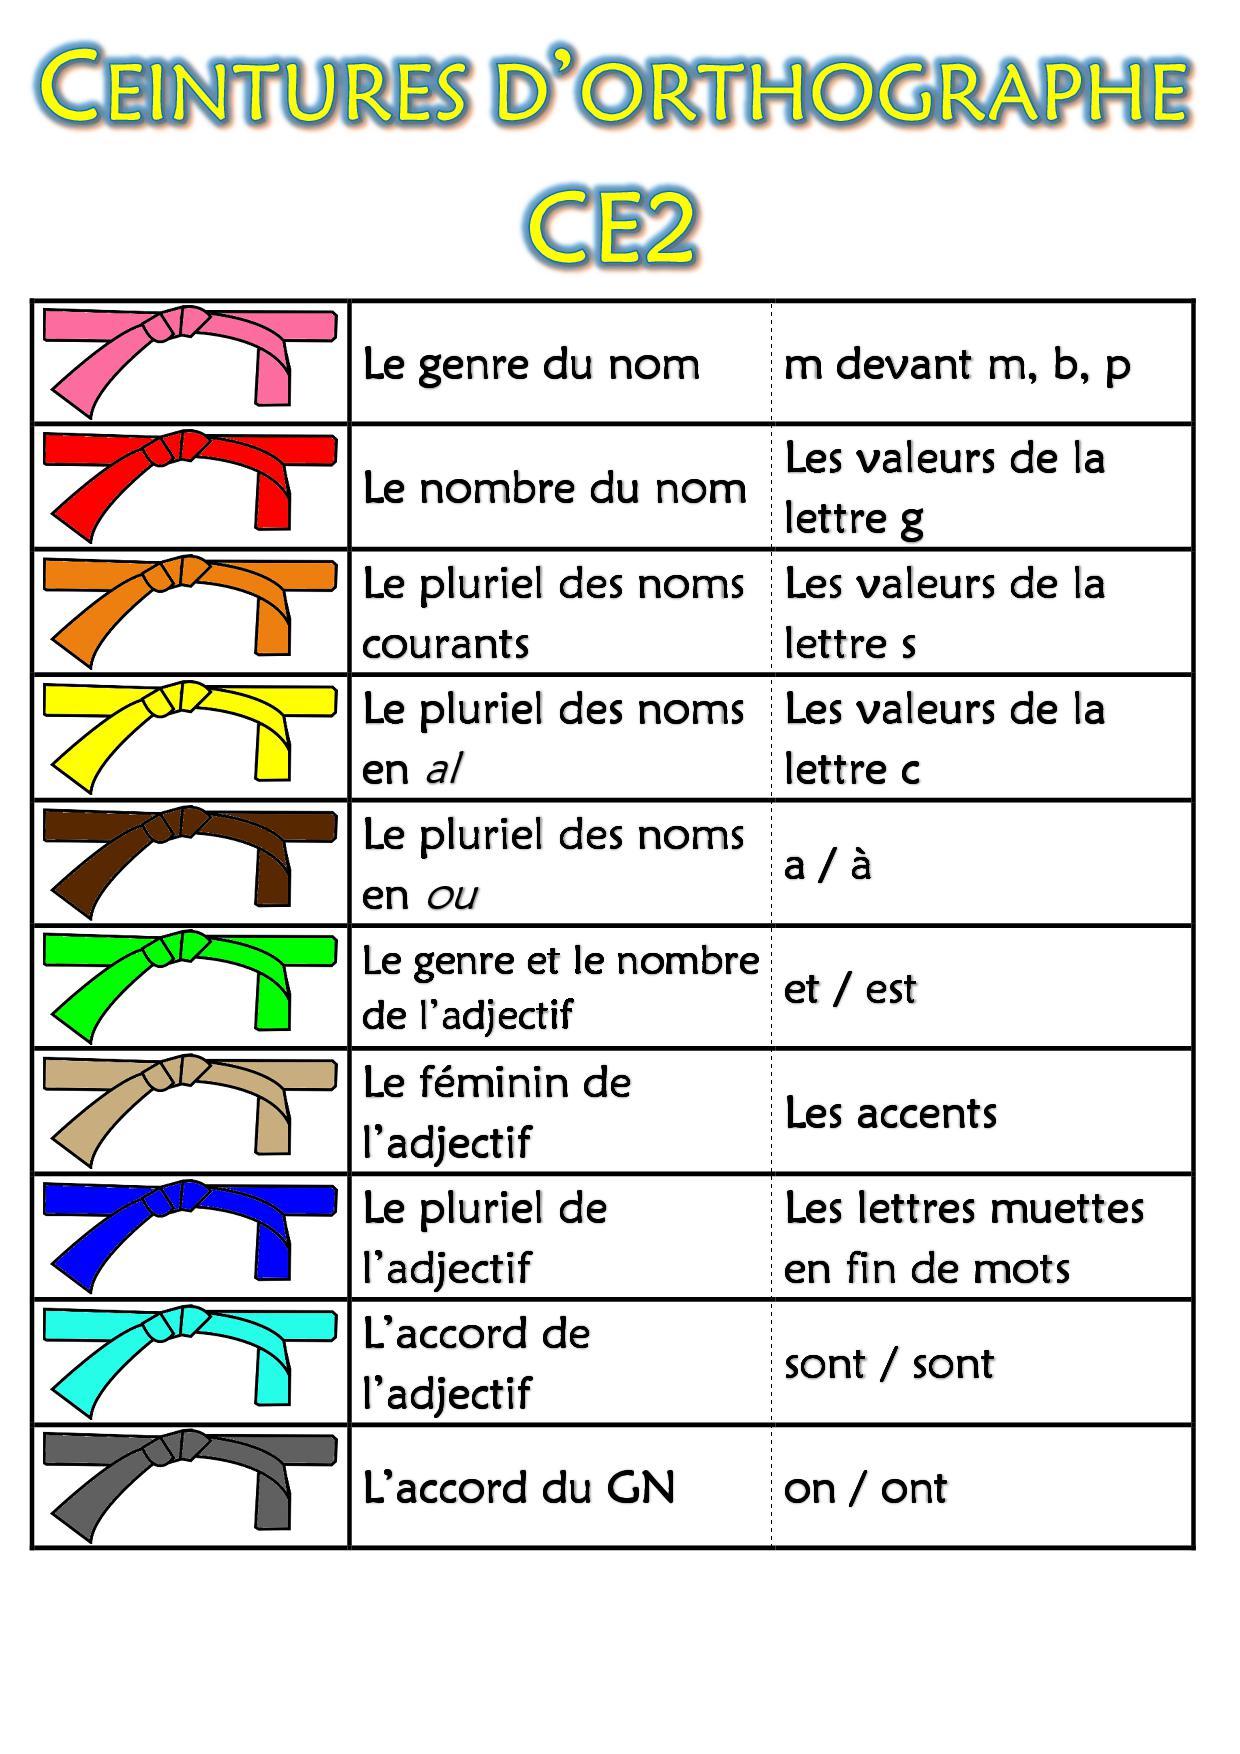 Ceintures d'orthographe CE2 - Chez monsieur Paul